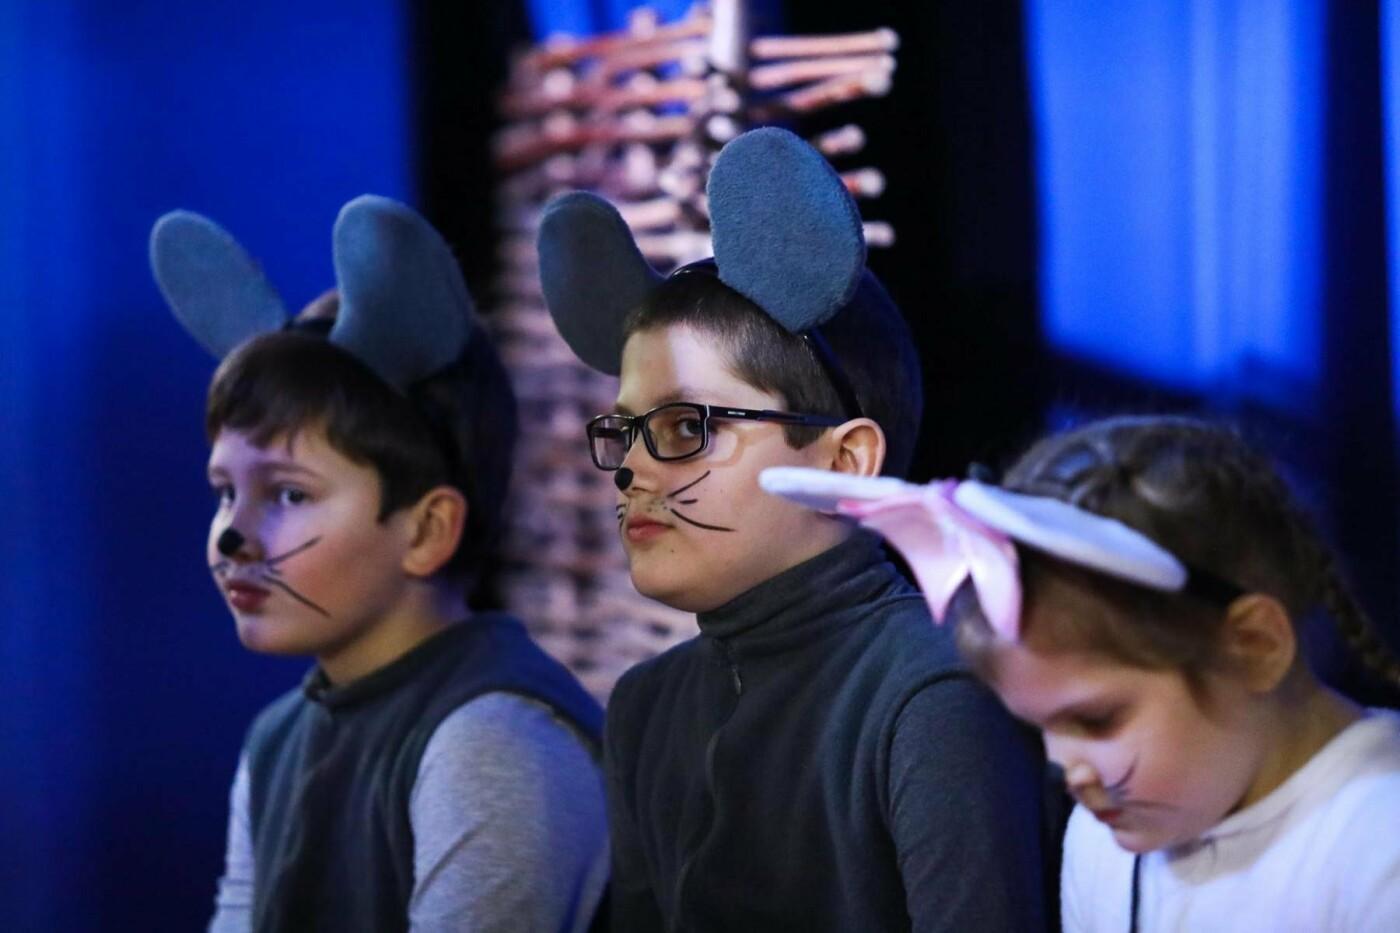 В Белгороде состоялась премьера инклюзивного спектакля «Приключения белой мышки», фото-5